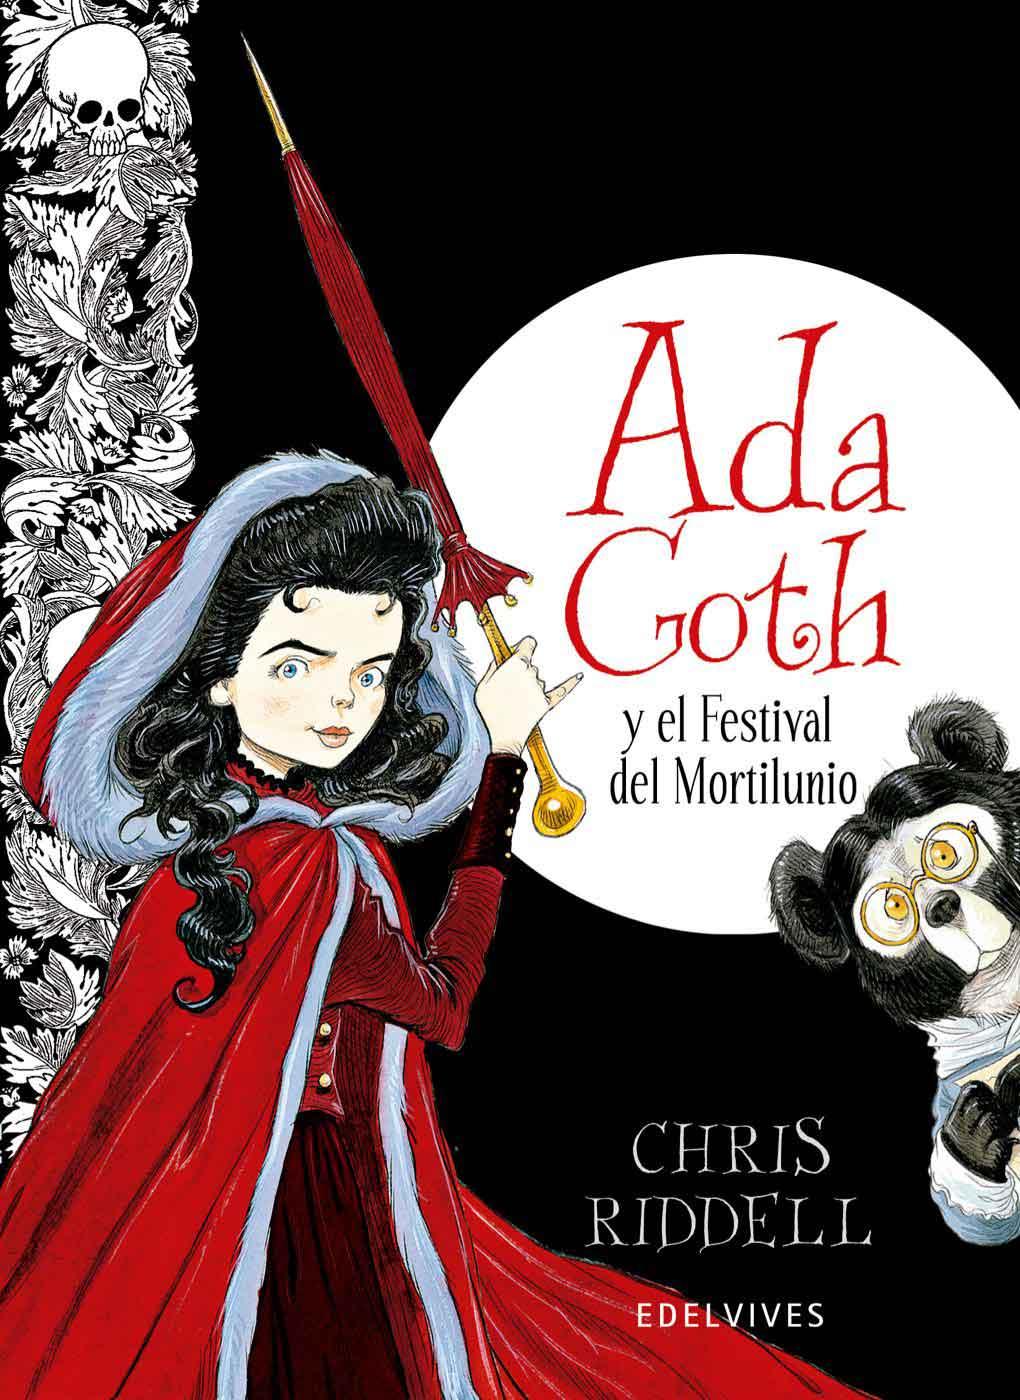 Ada Goth y el festival del mortilunio